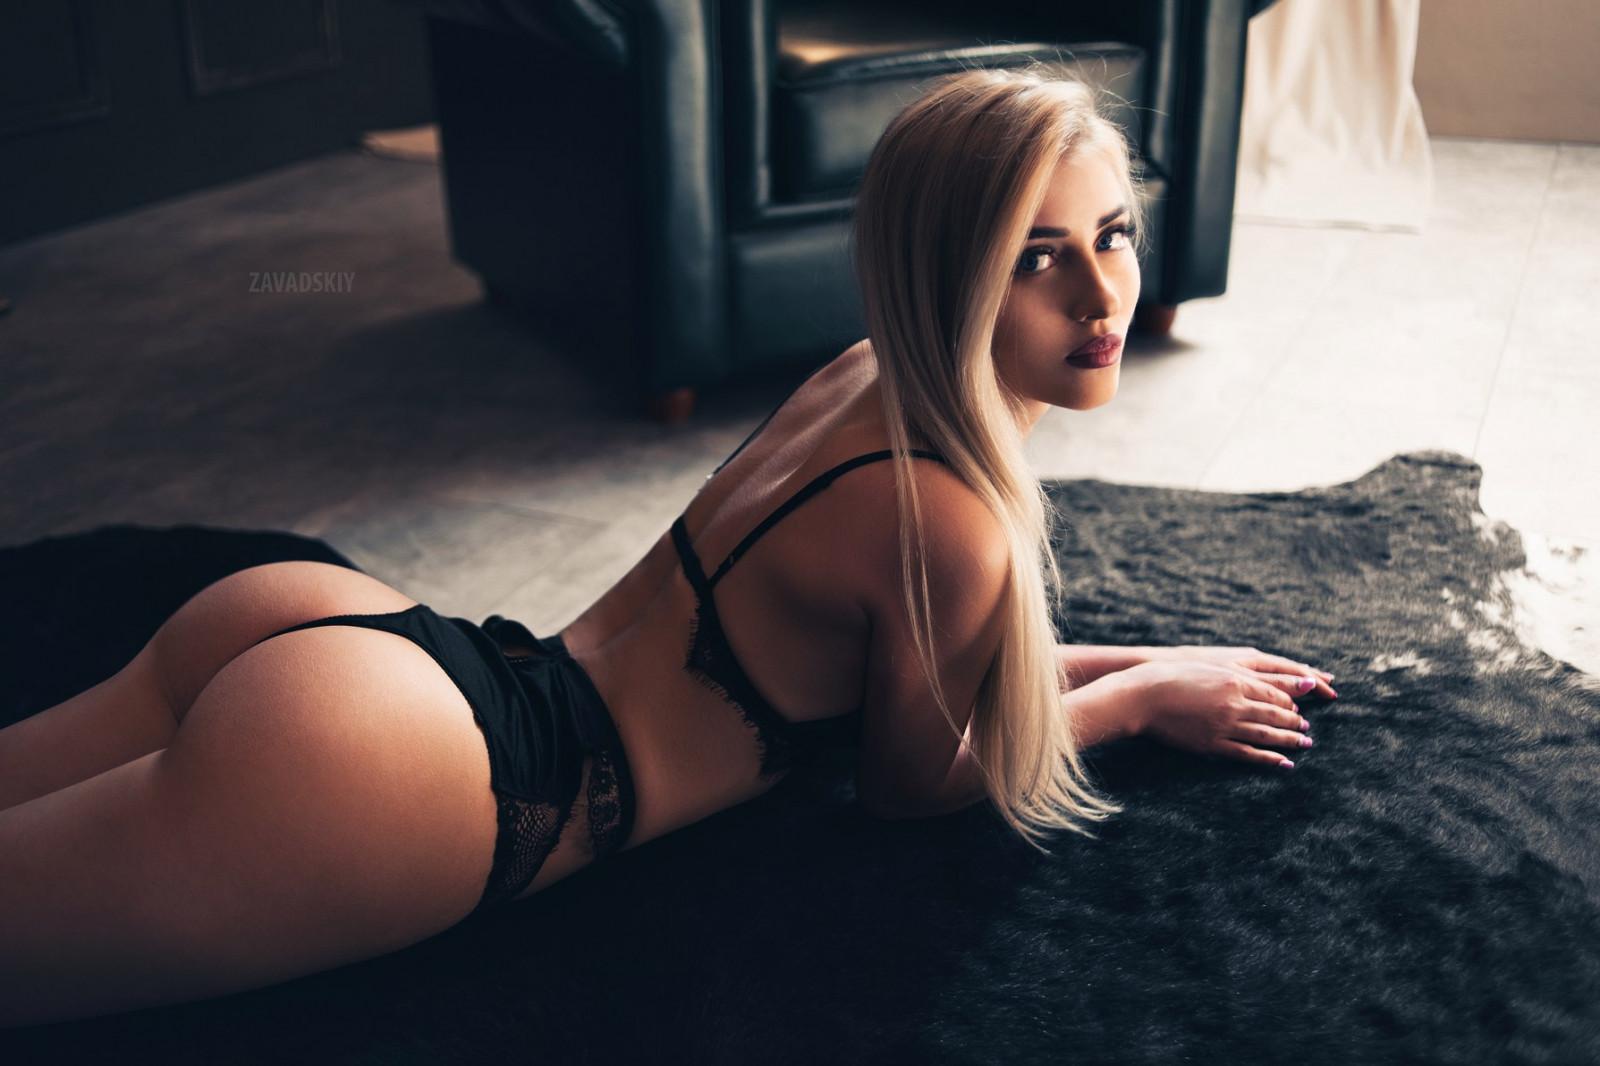 блондинка с очень красивой попкой очень яркий запоминающийся